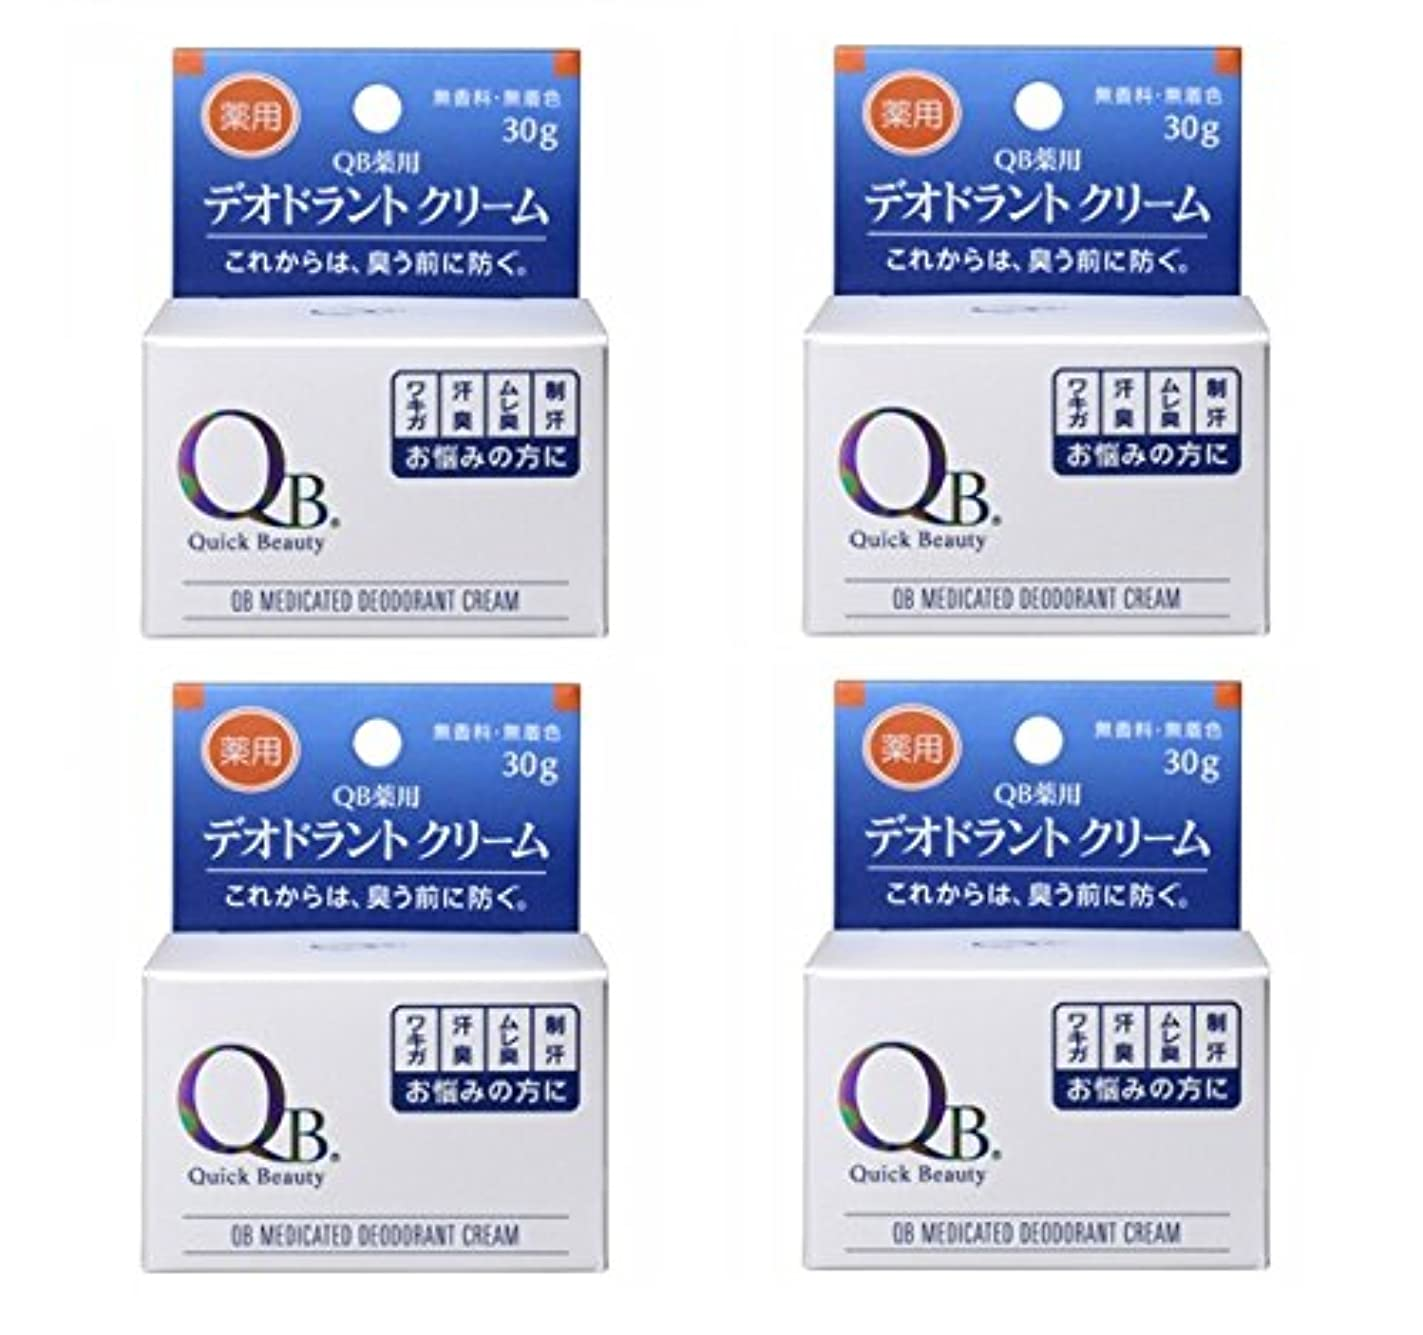 トラブル公式十分に【×4個】 QB 薬用デオドラントクリーム 30g 【国内正規品】